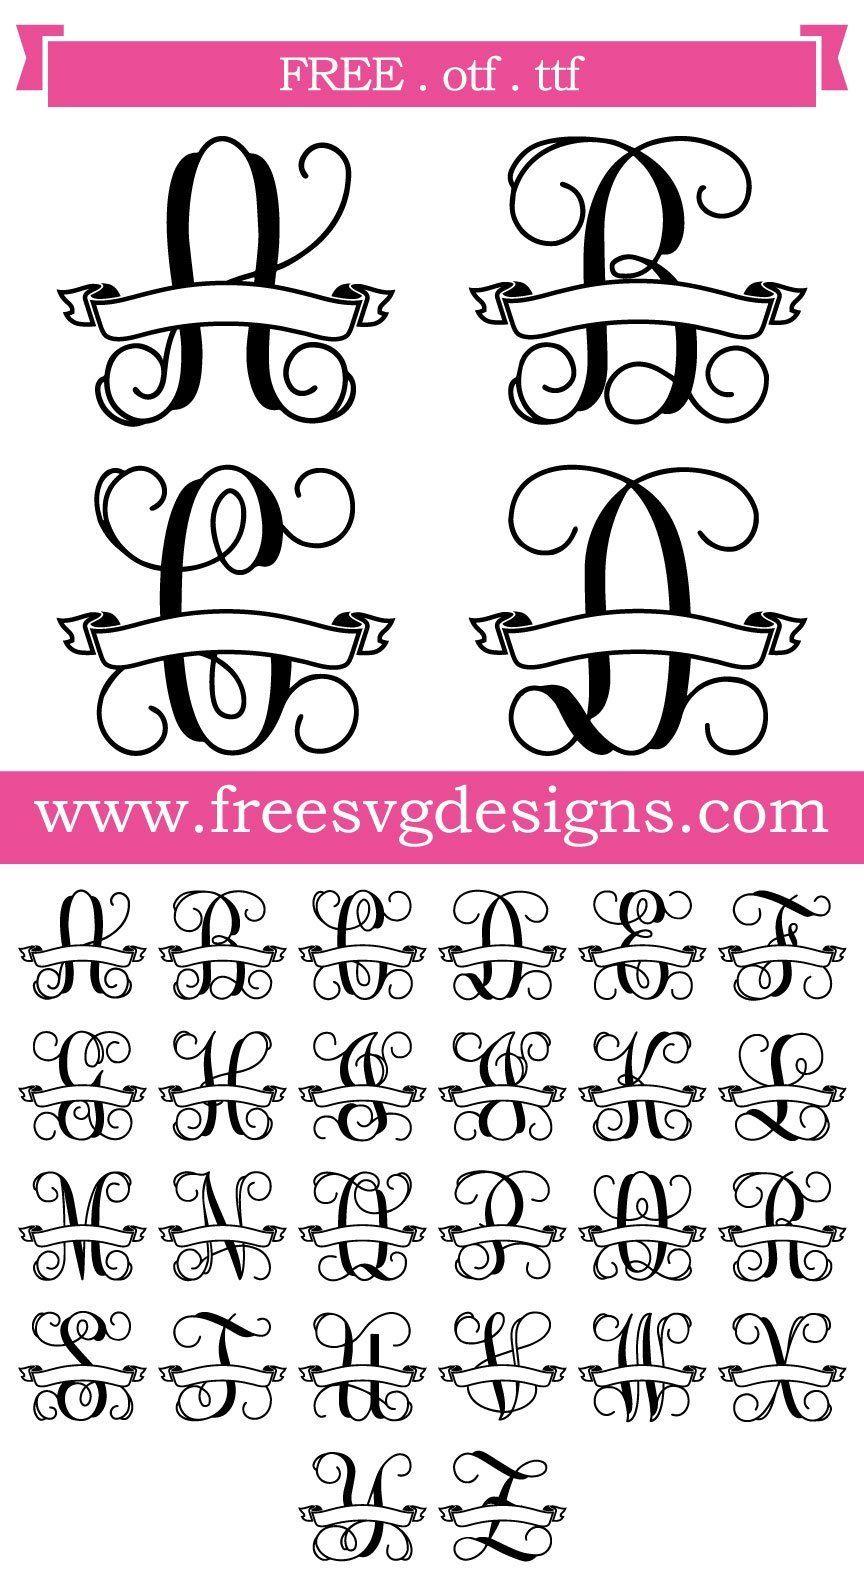 Free SVG files Script Vine Monogram Banner Font at www